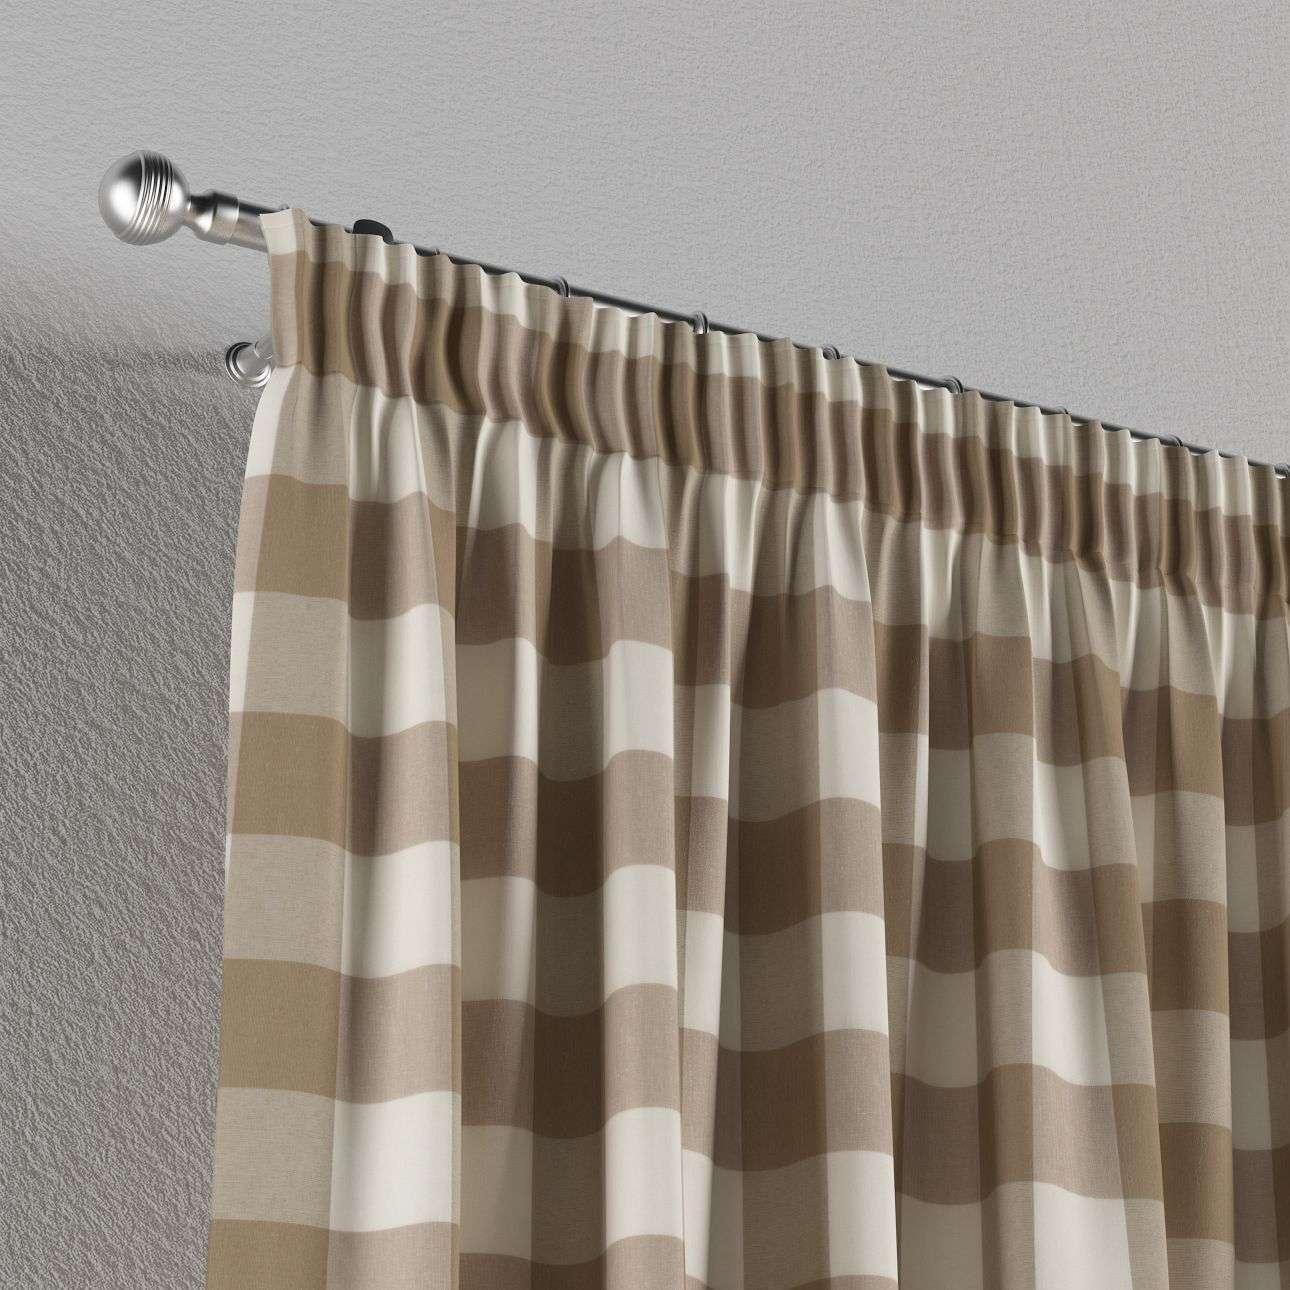 Függöny ráncolóval 130 x 260 cm a kollekcióból Lakástextil Quadro, Dekoranyag: 136-08